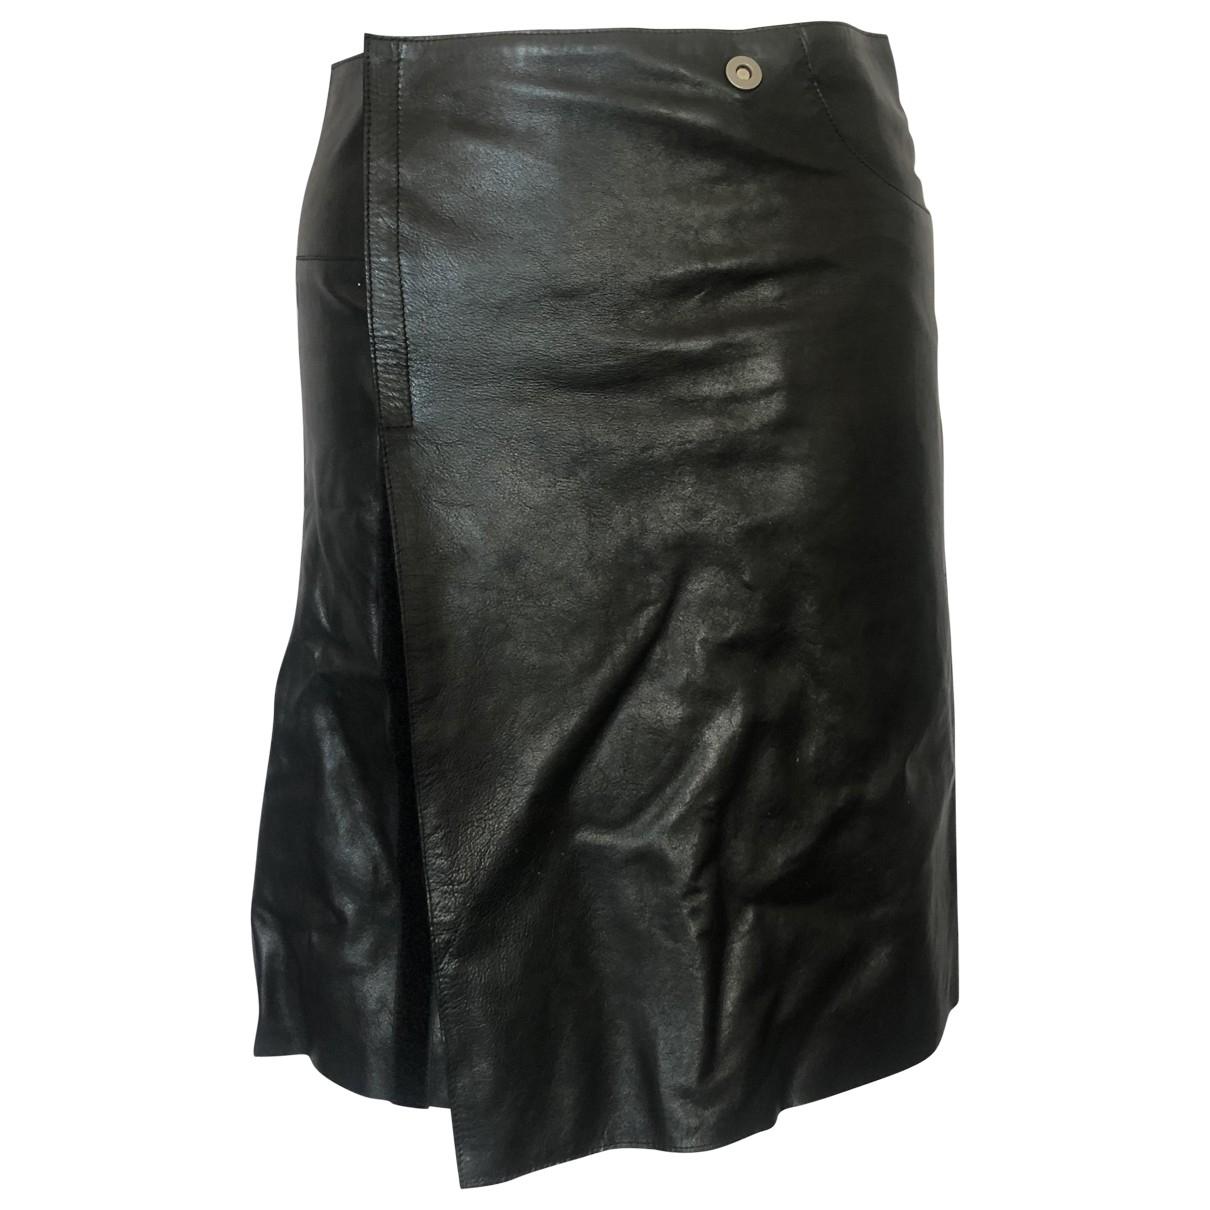 Jil Sander \N Black Leather skirt for Women 36 FR